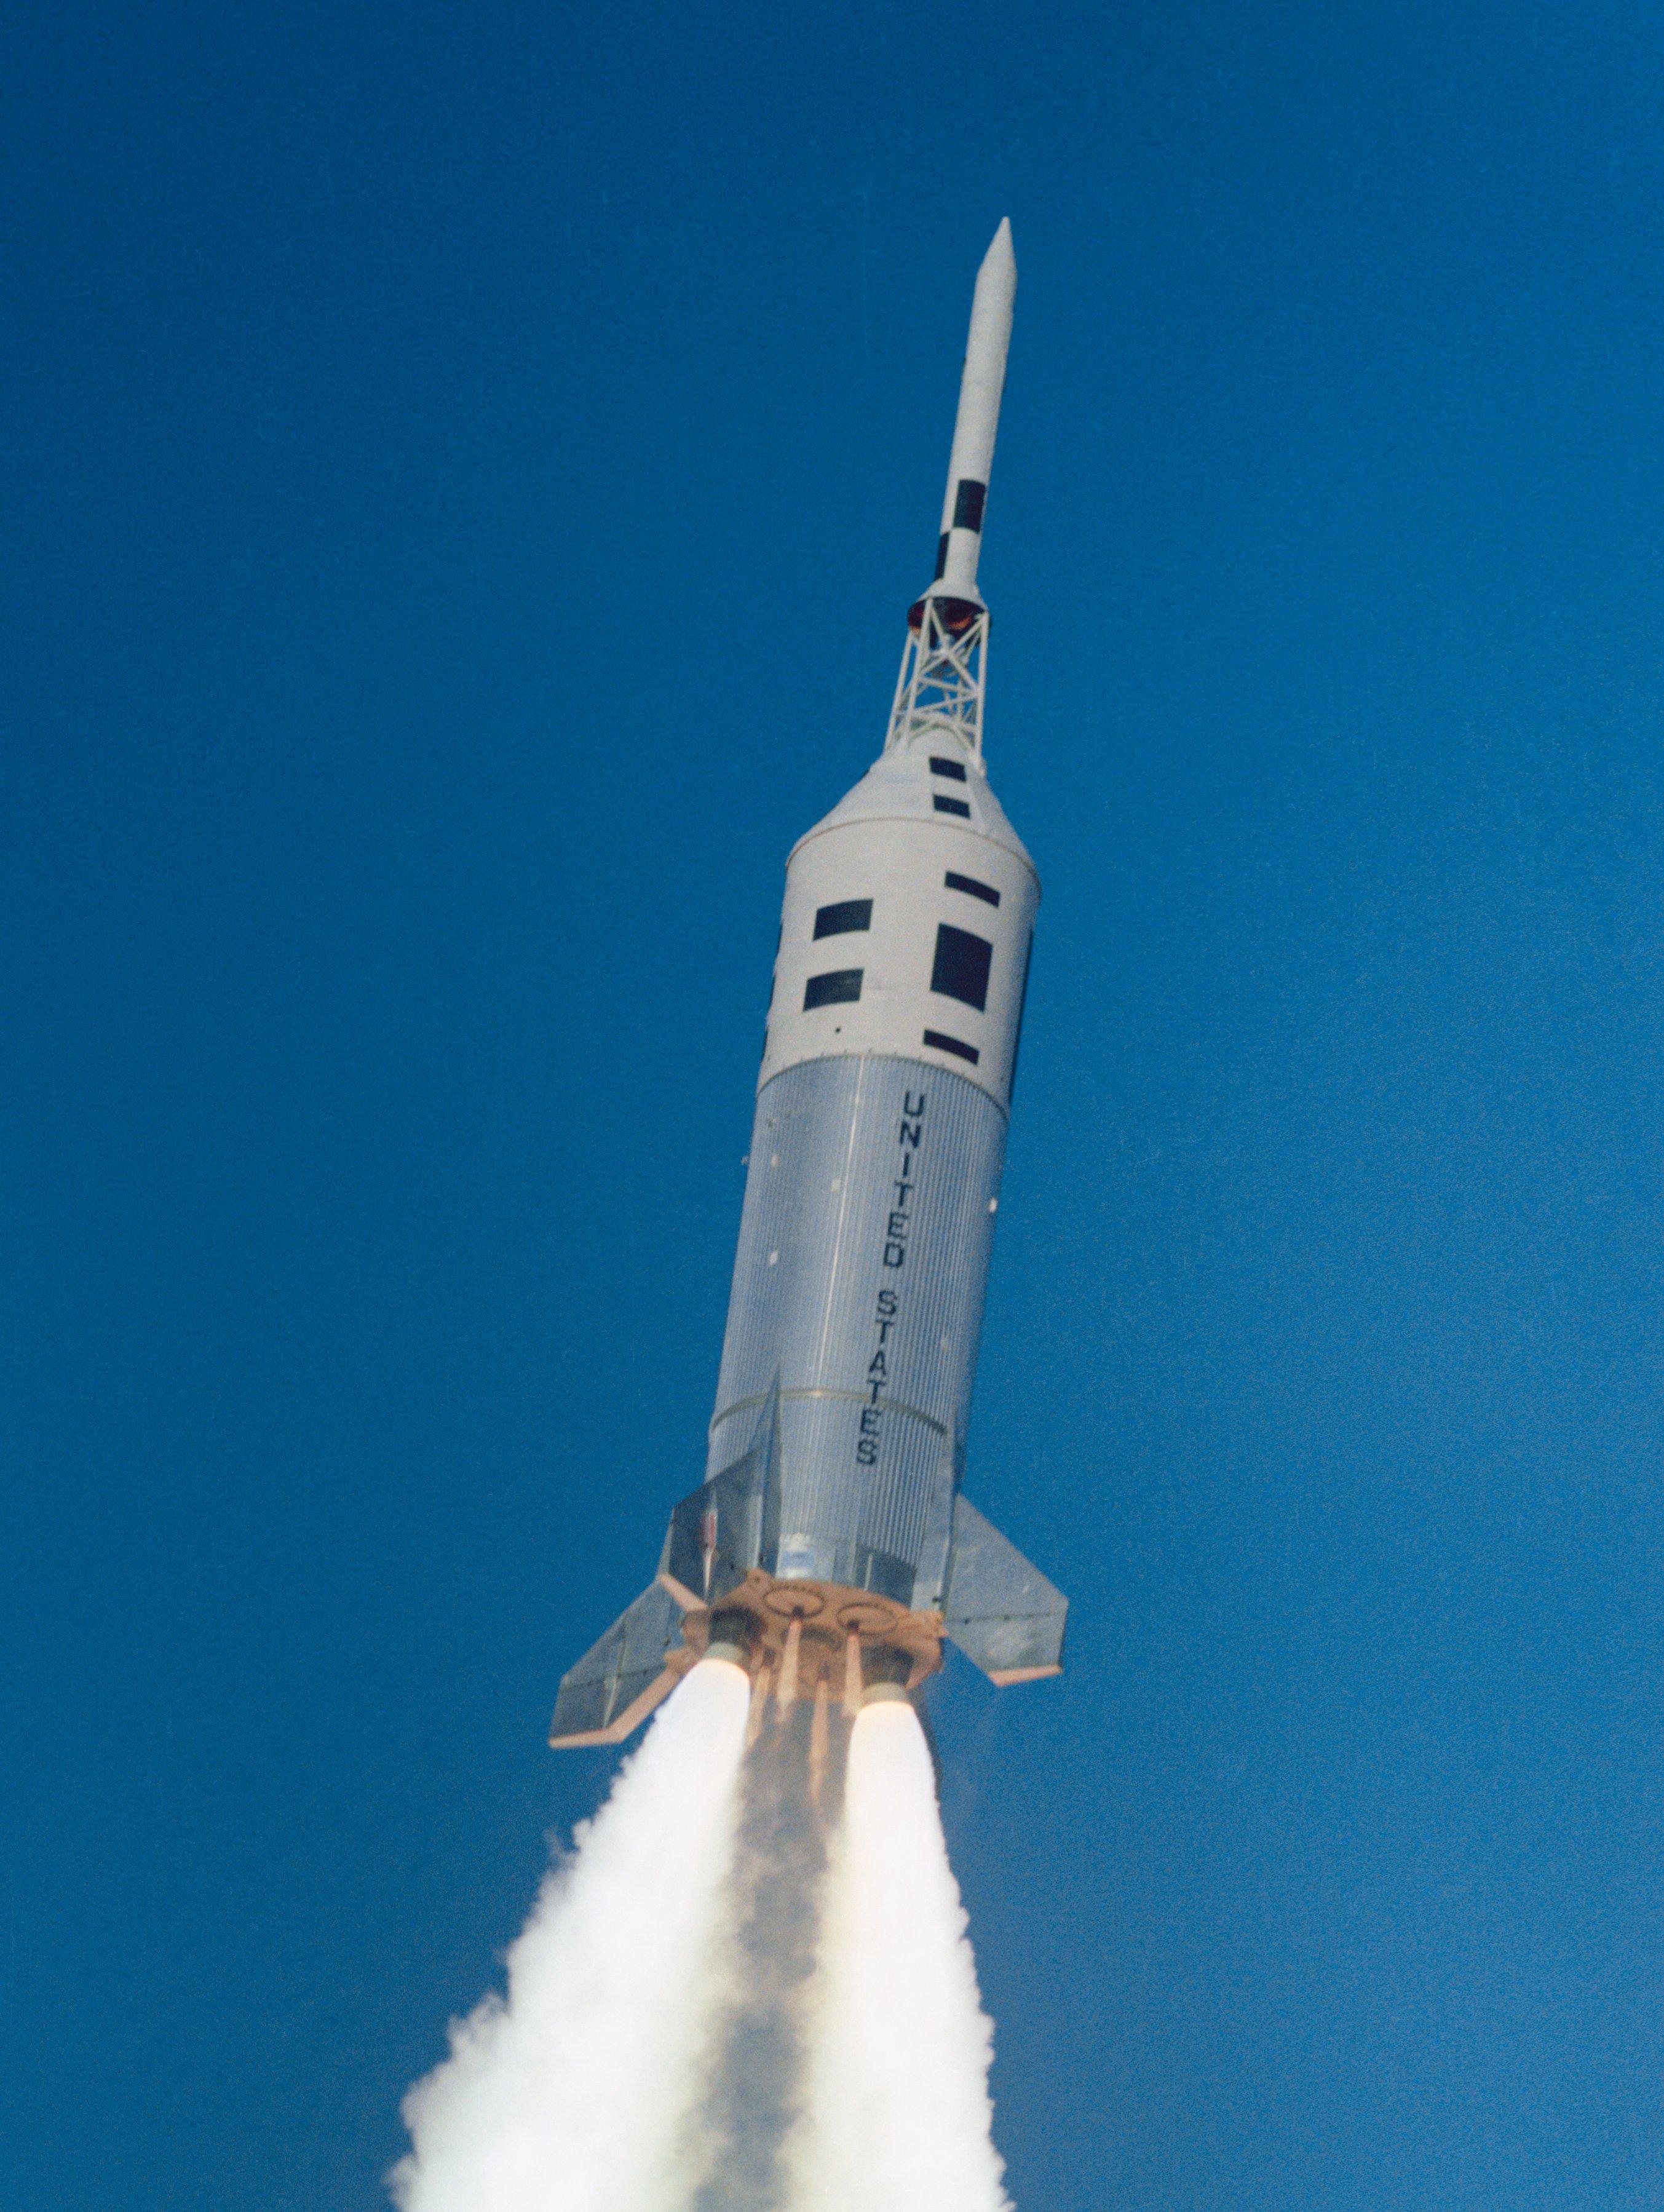 быть, как выглядит ракета фото того